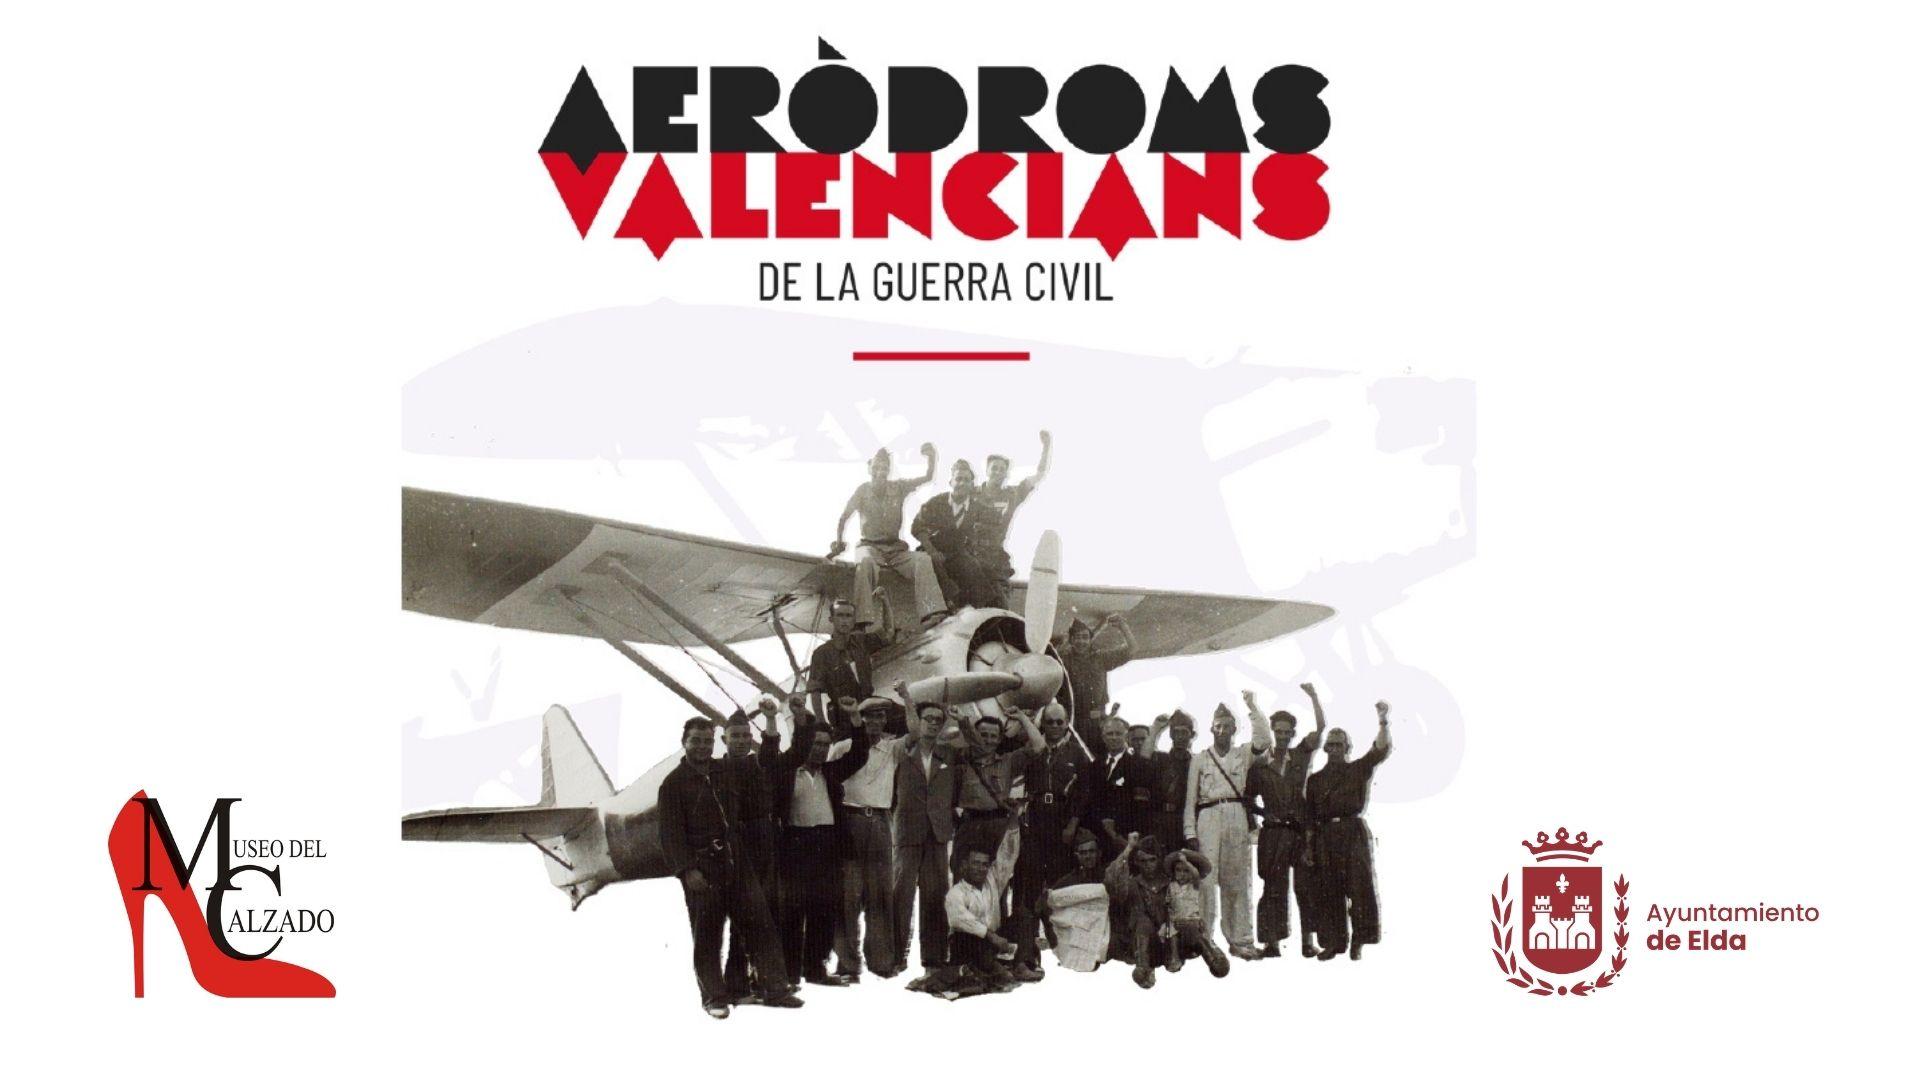 El Museo del Calzado acoge una exposición sobre los aeródromos ubicados en territorio valenciano durante la Guerra Civil